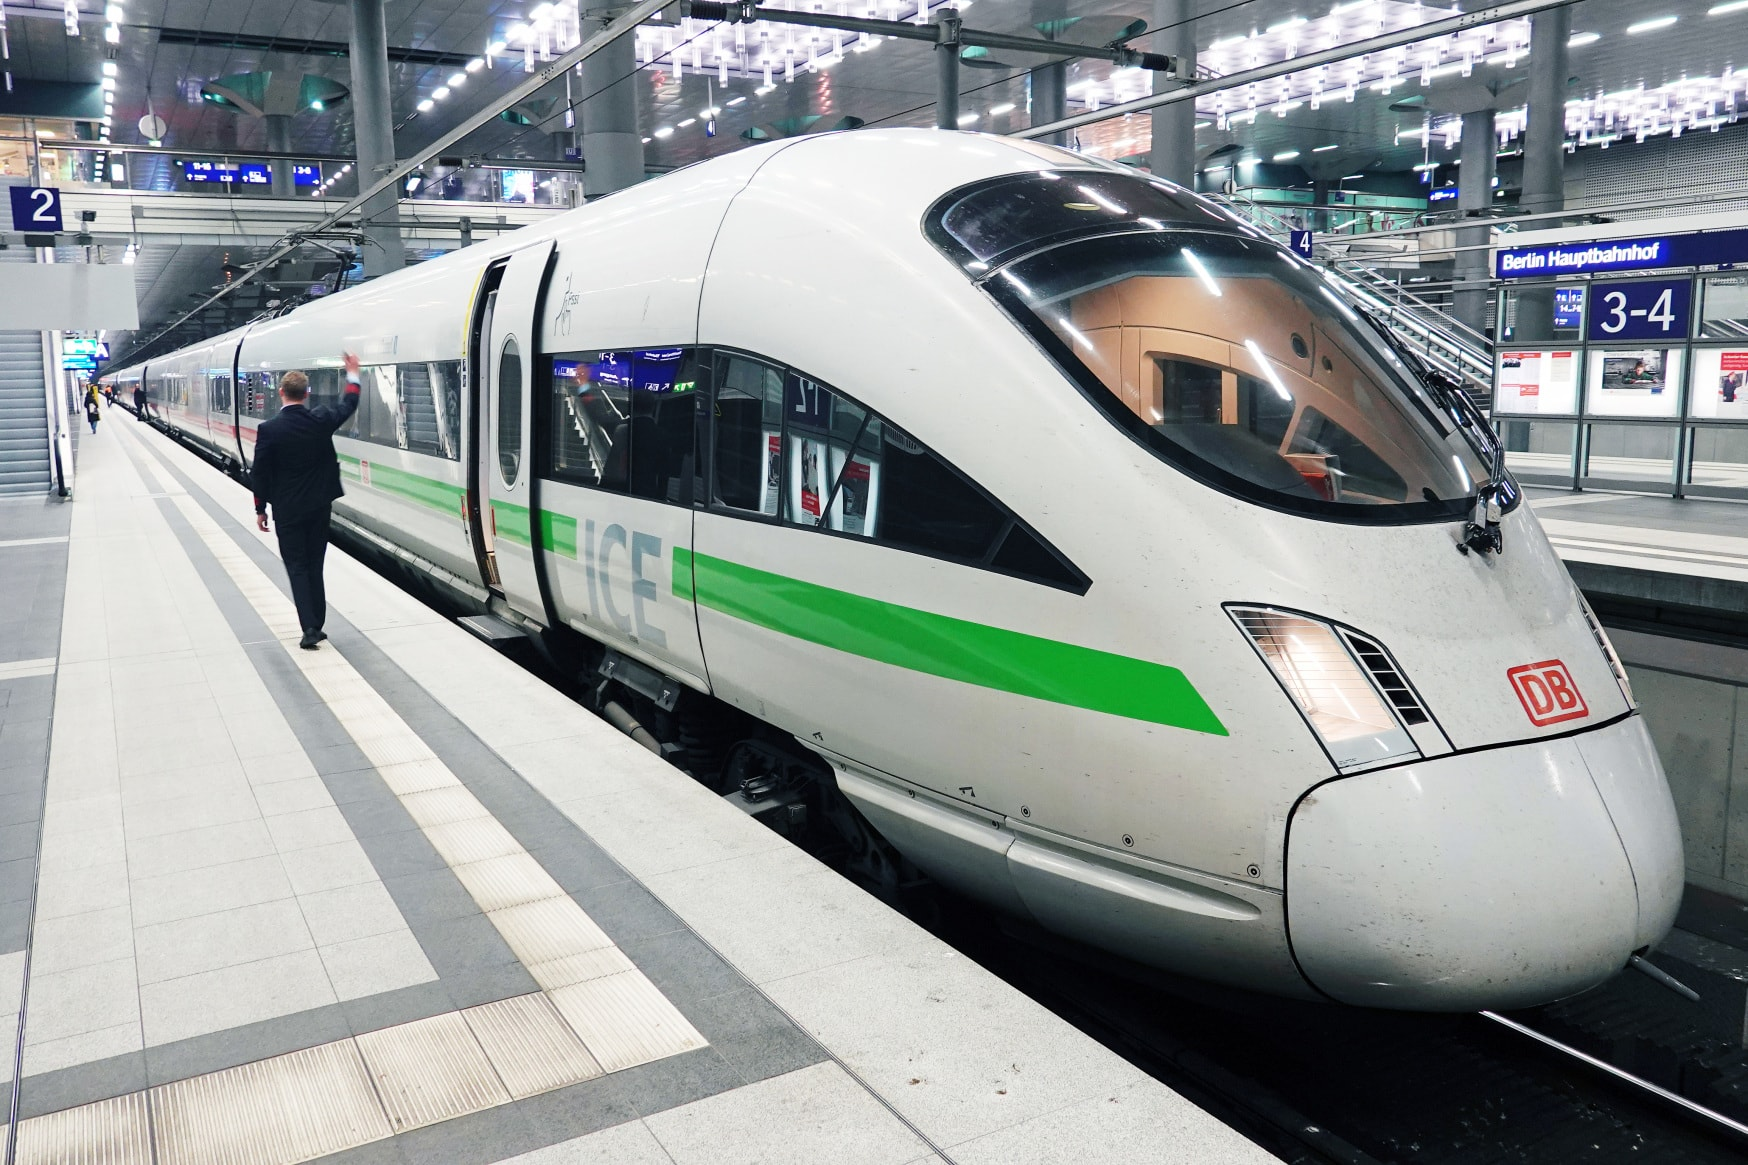 Bahnstreik Welche Züge Fahren Nicht